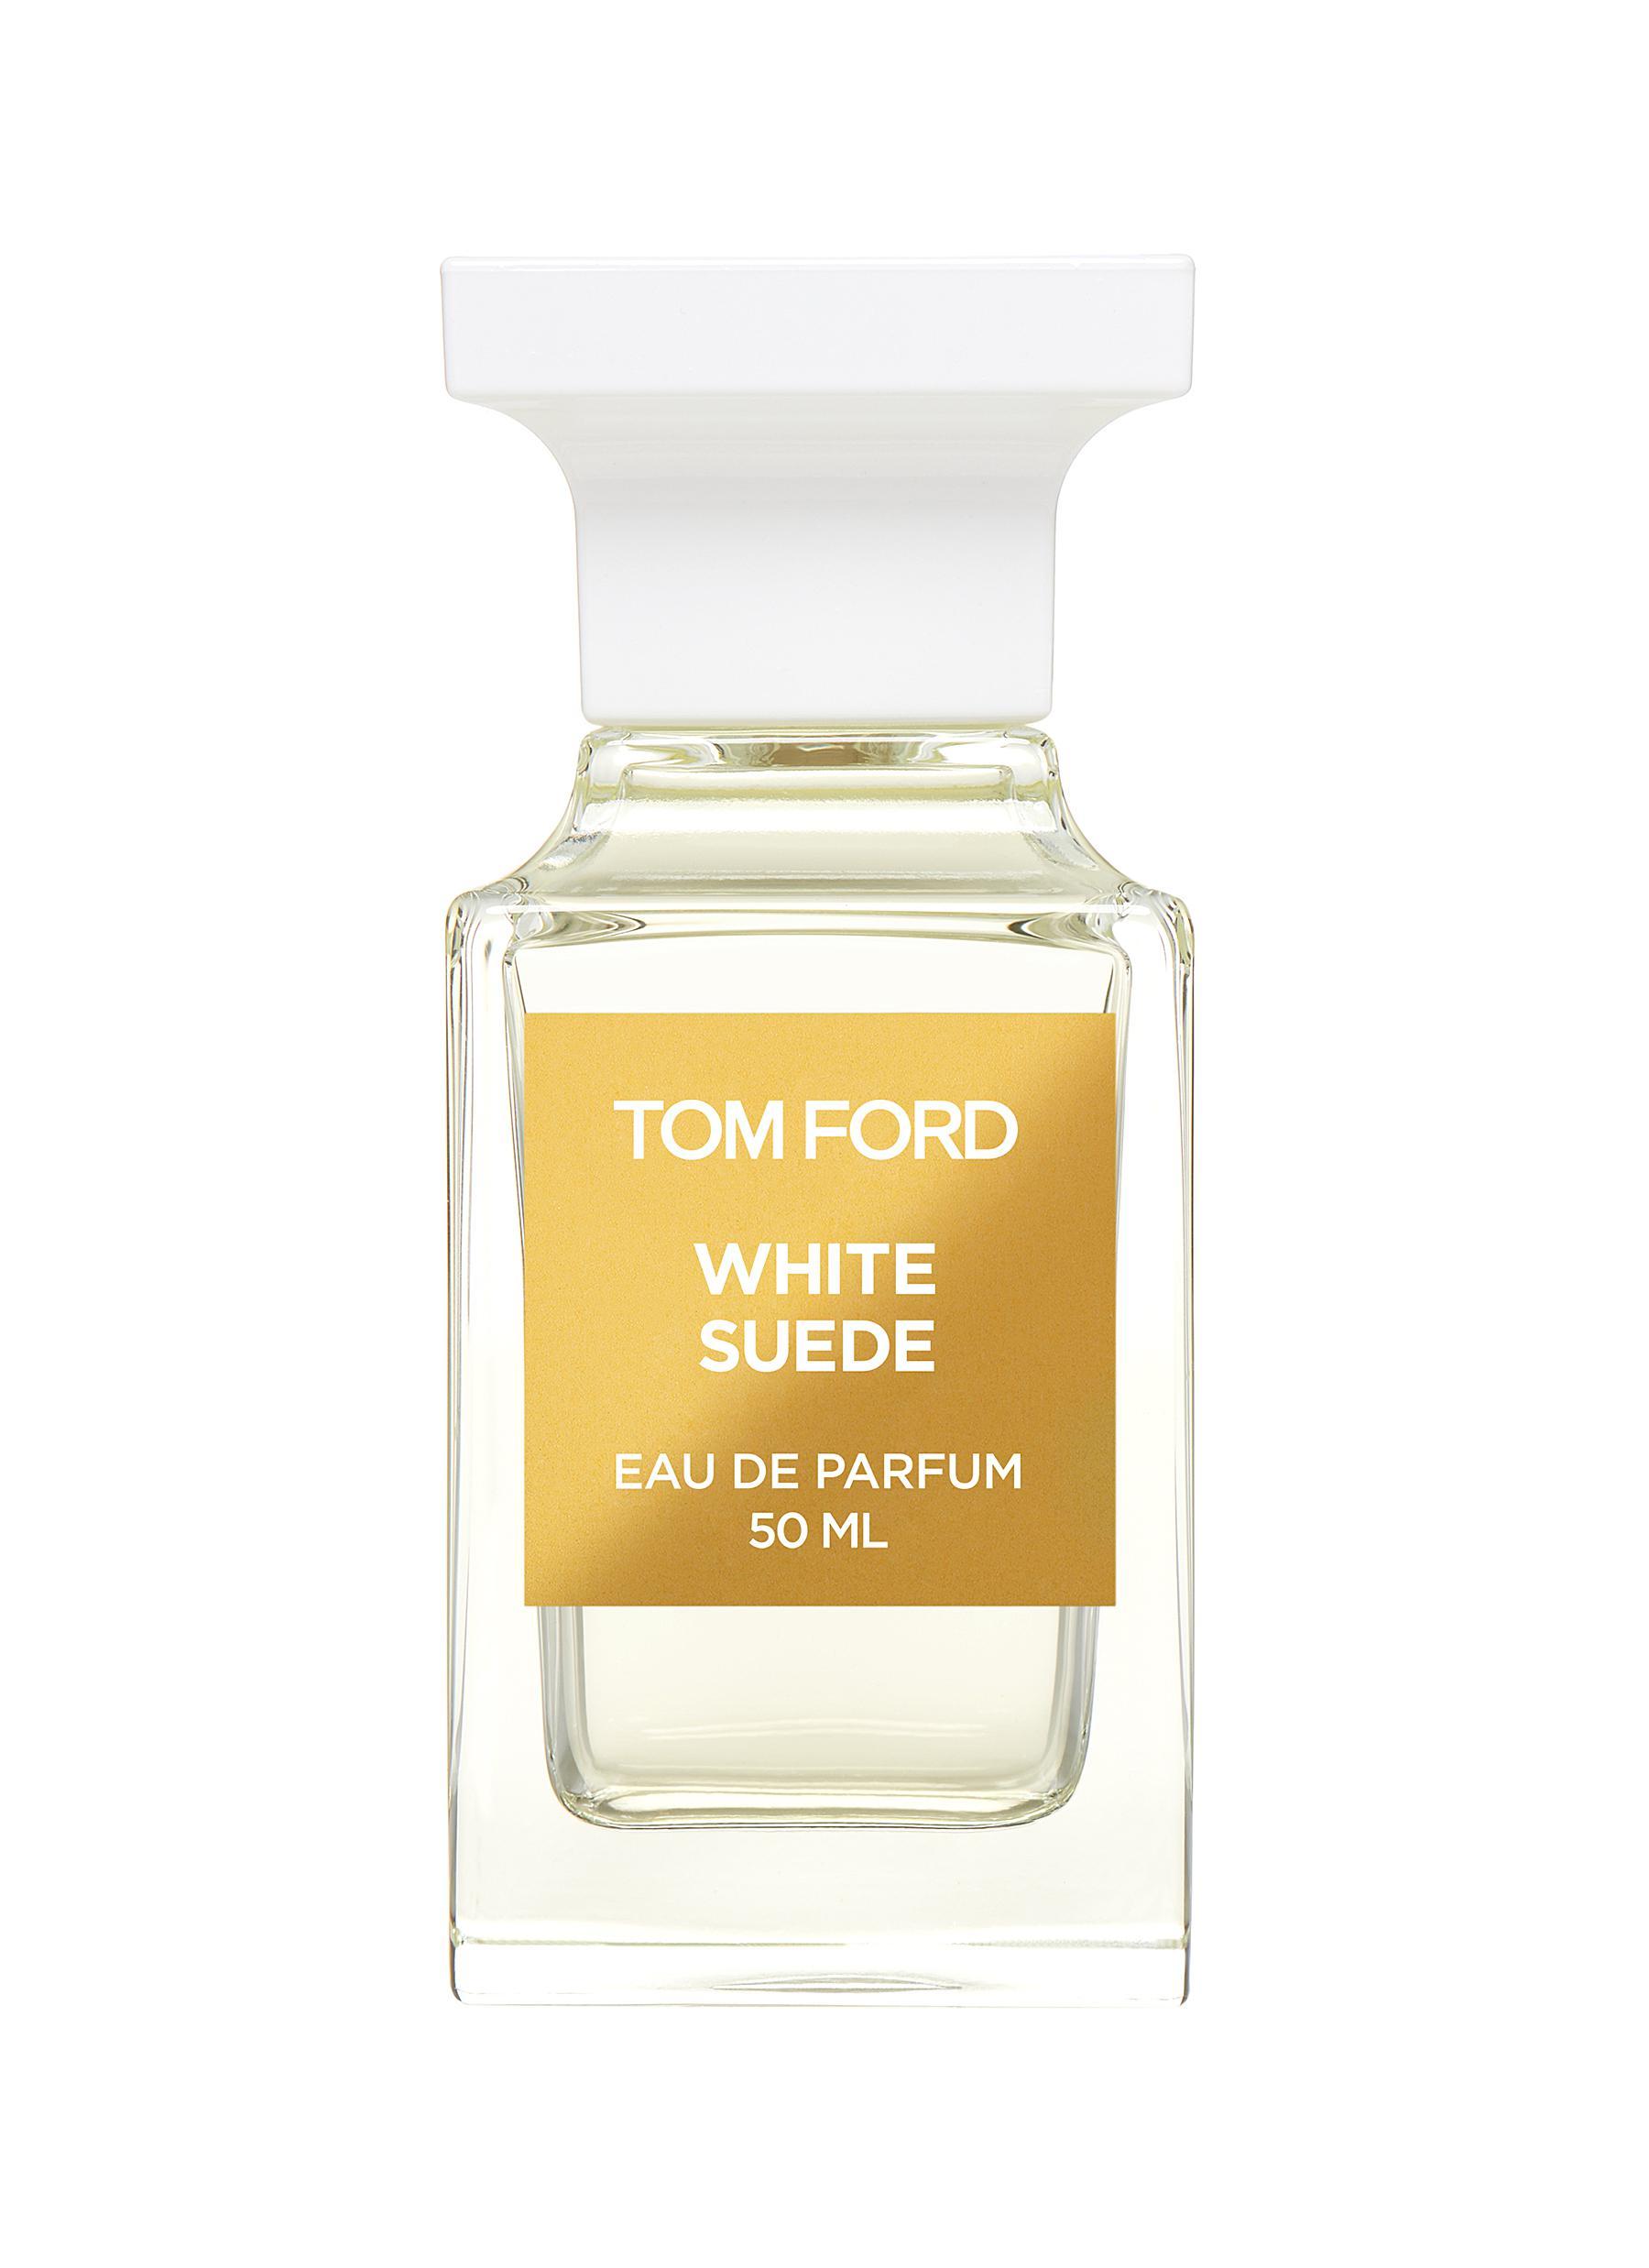 White Suede Eau De Parfum 50ml